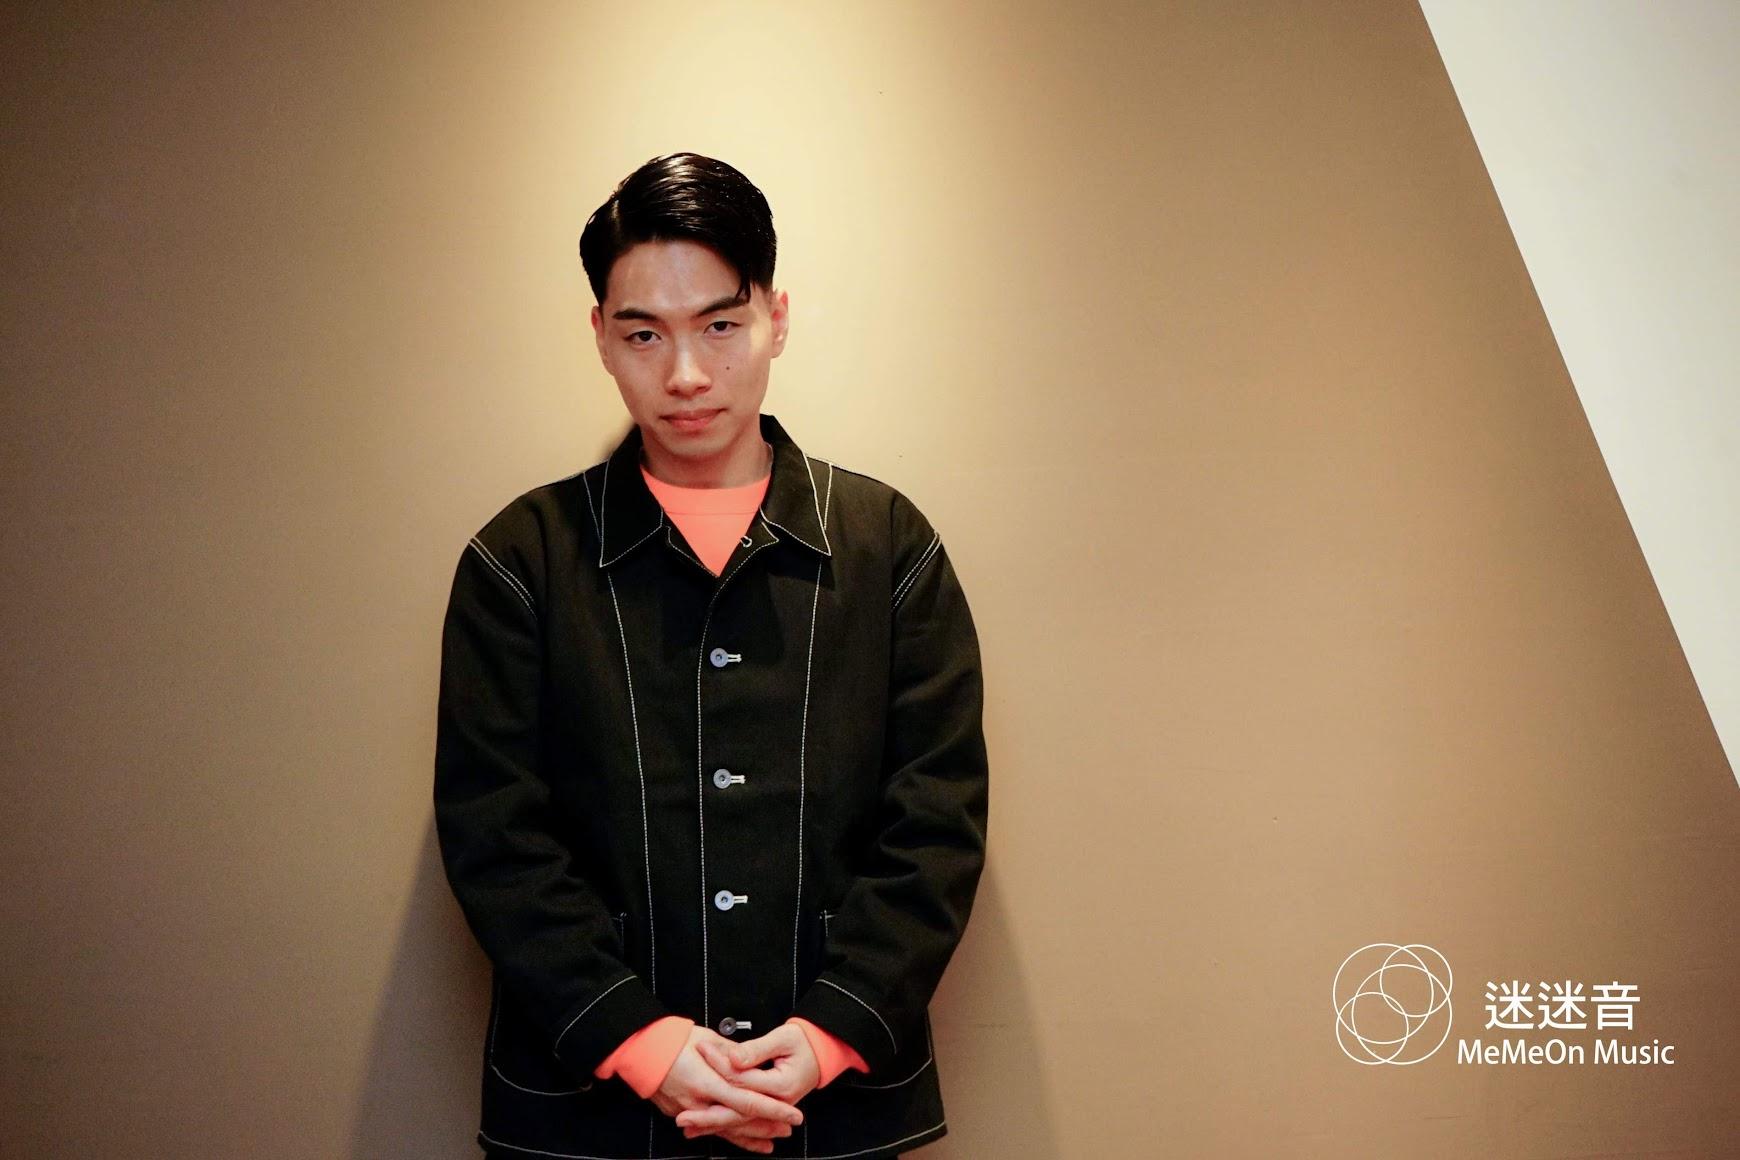 【MeMeOn インタビュー】 SIRUP 初台湾公演 公には言ってないことを...?